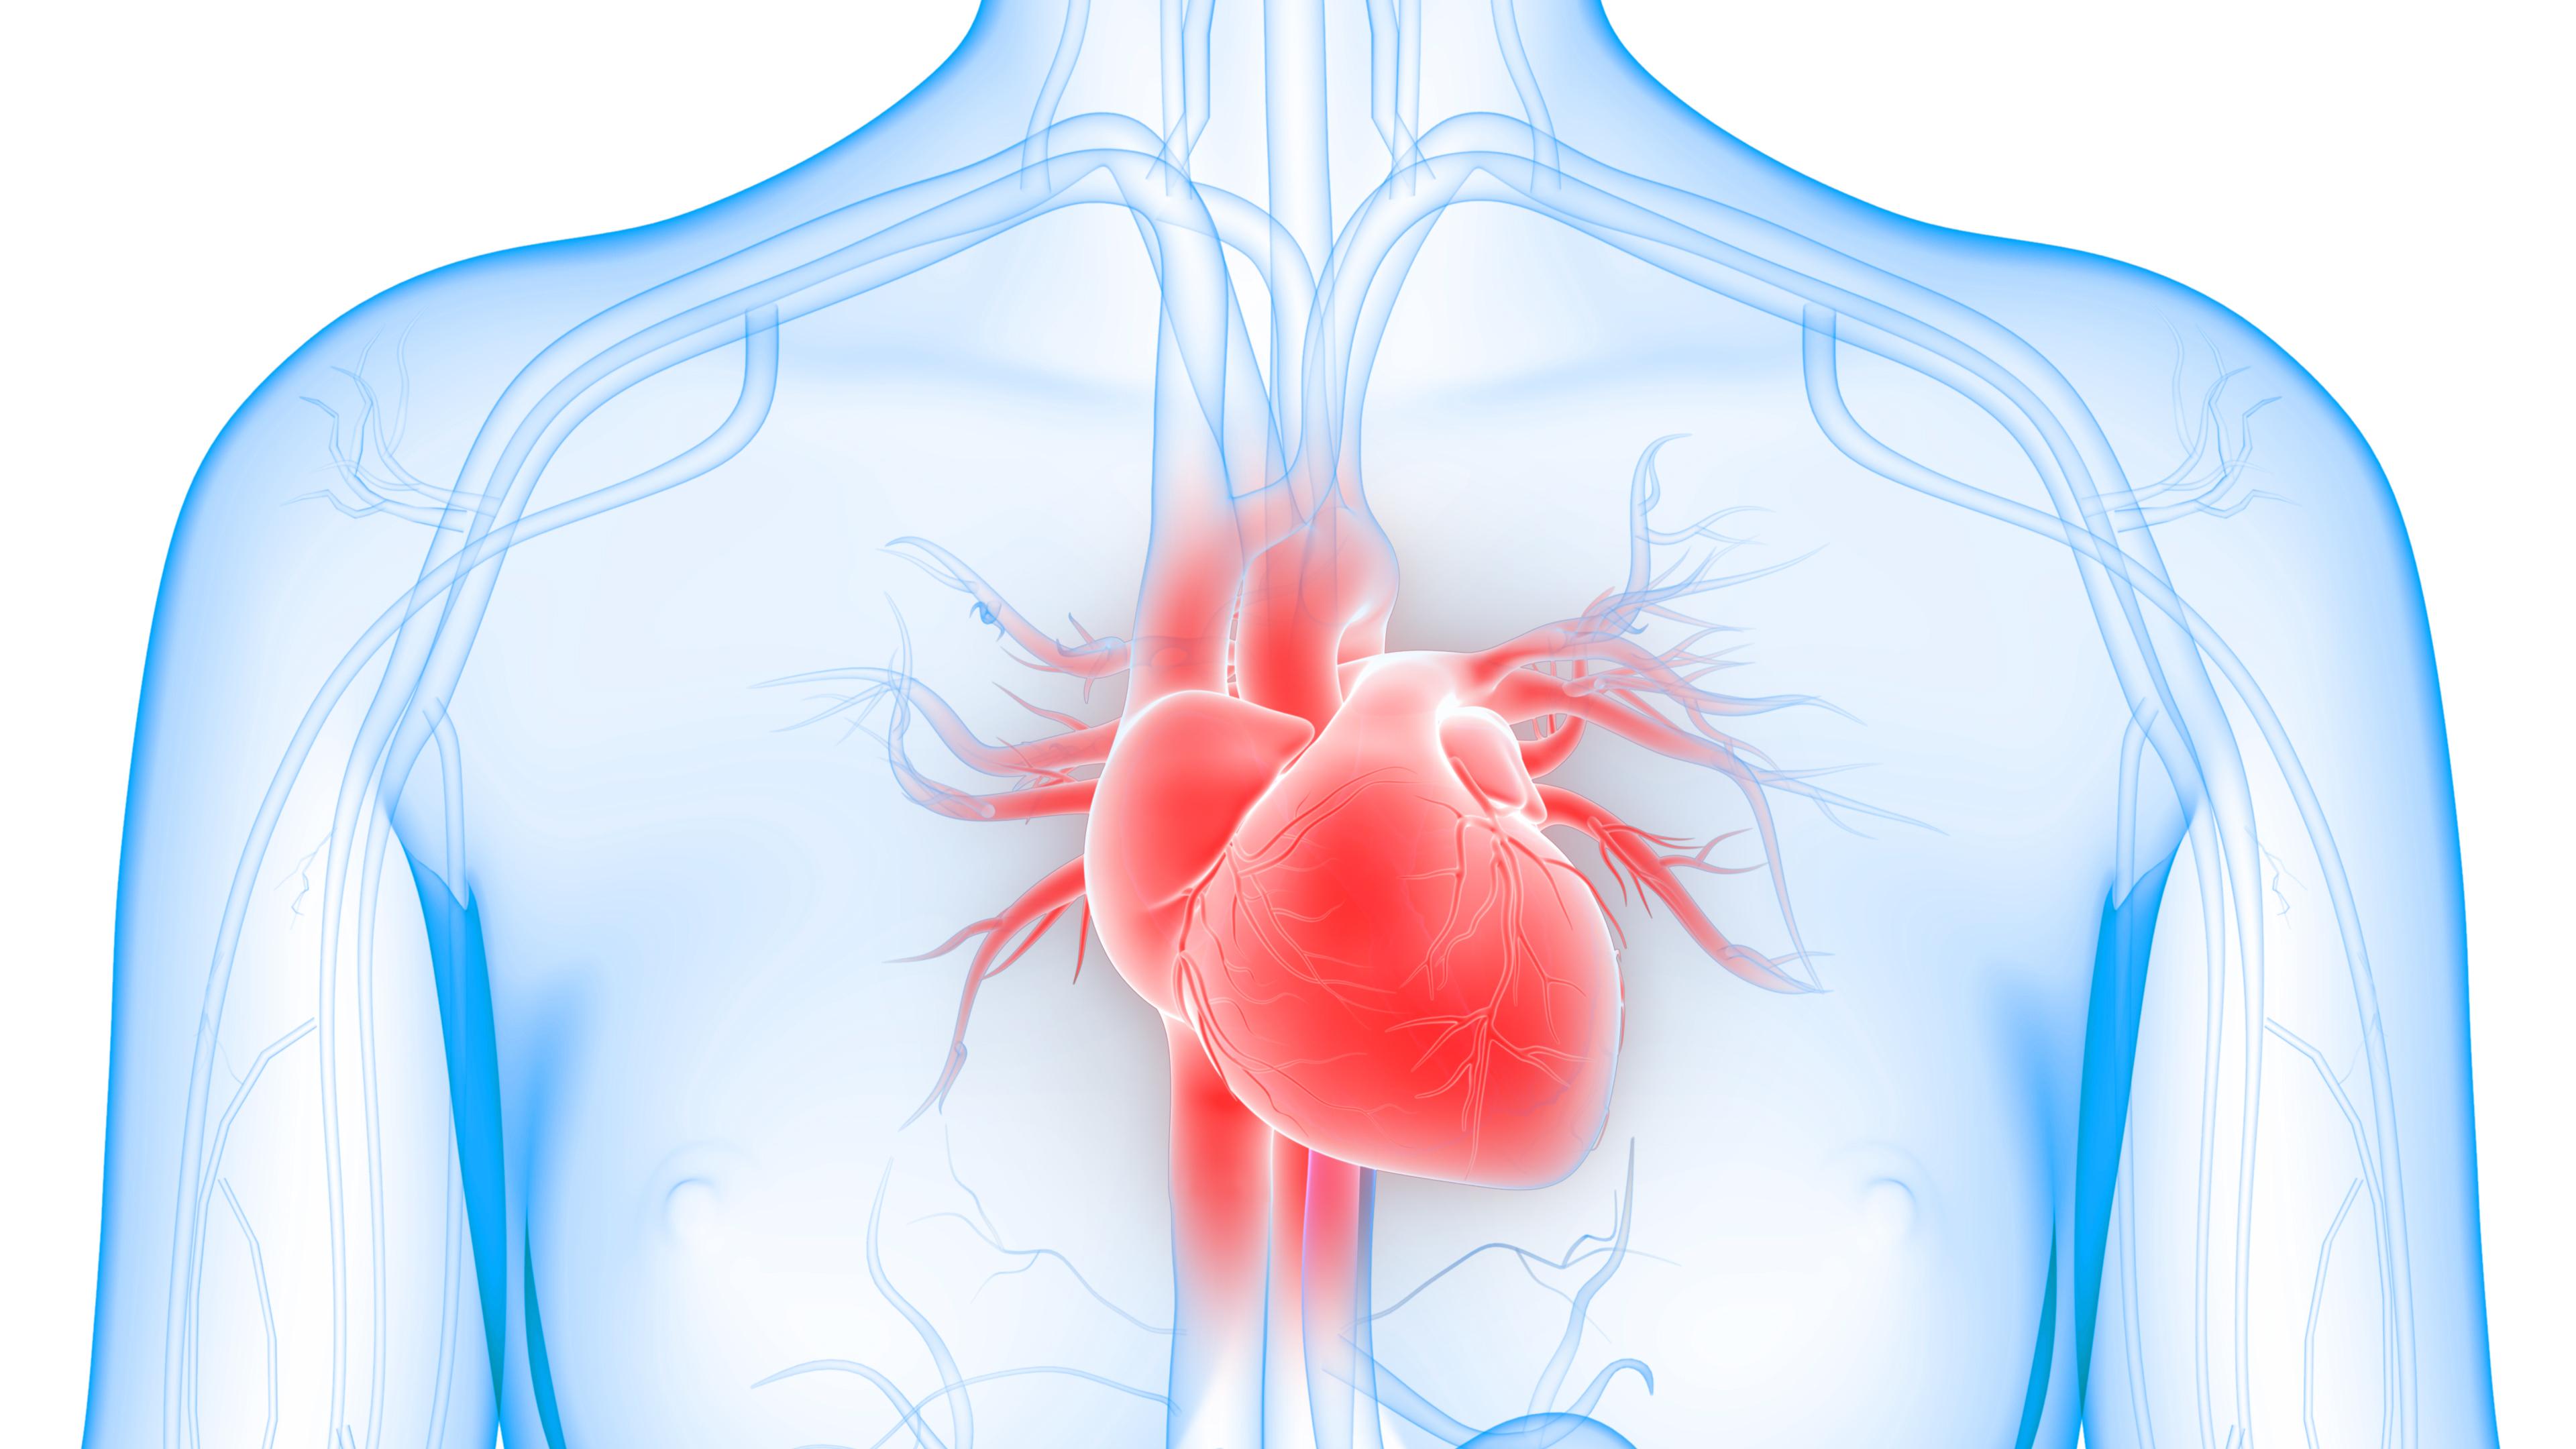 Herz & Blutgefäße